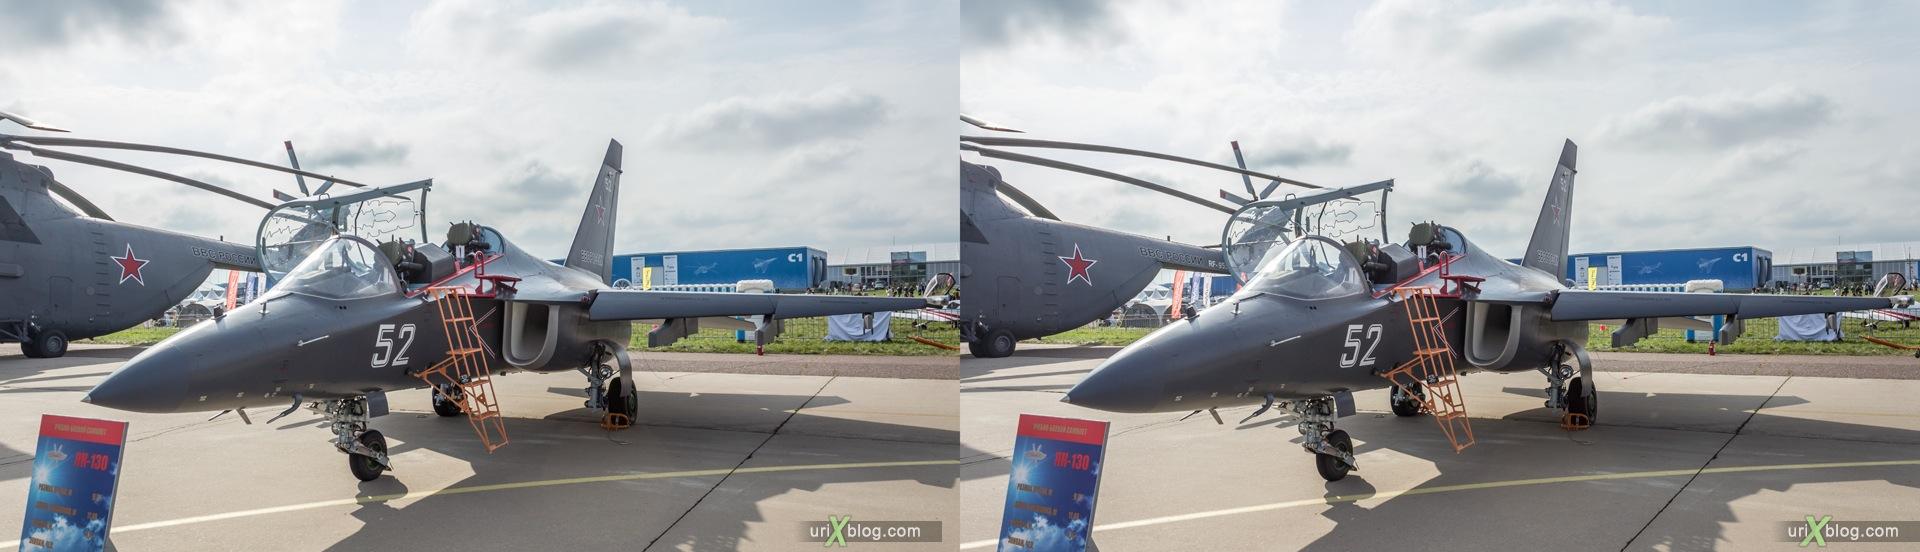 2013, Як-130, Россия, СССР, Советский, Раменское, Жуковский, аэродром, самолёт, МАКС, Международный Авиационно-космический Салон, 3D, перекрёстная стереопара, стерео, стереопара